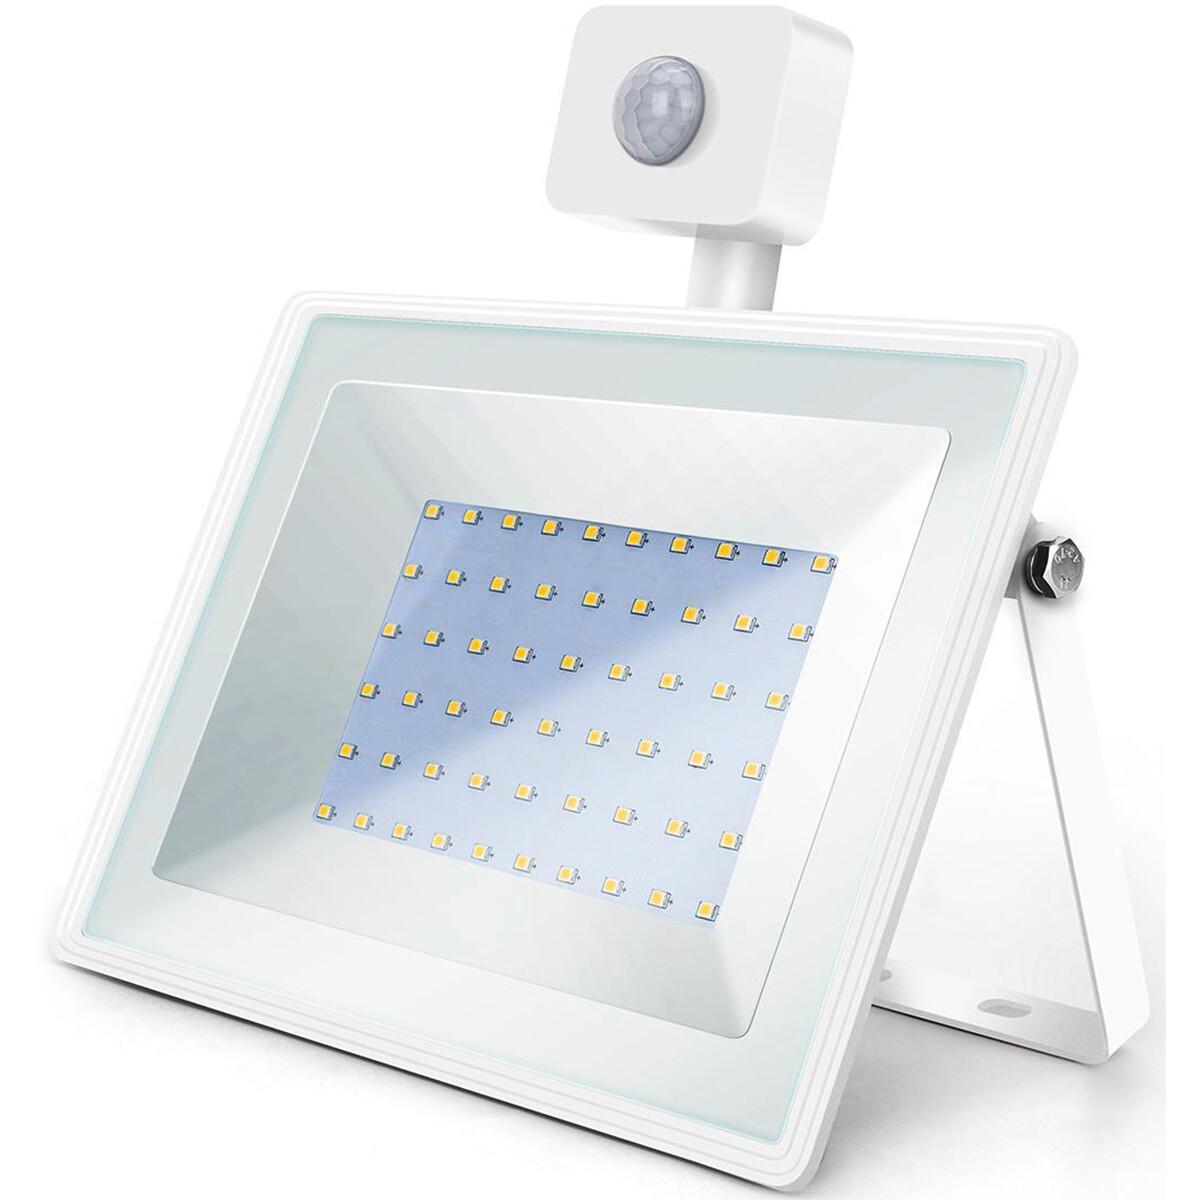 LED Bouwlamp 50 Watt met Sensor - LED Schijnwerper - Aigi Sunny - Natuurlijk Wit 4000K - Waterdicht